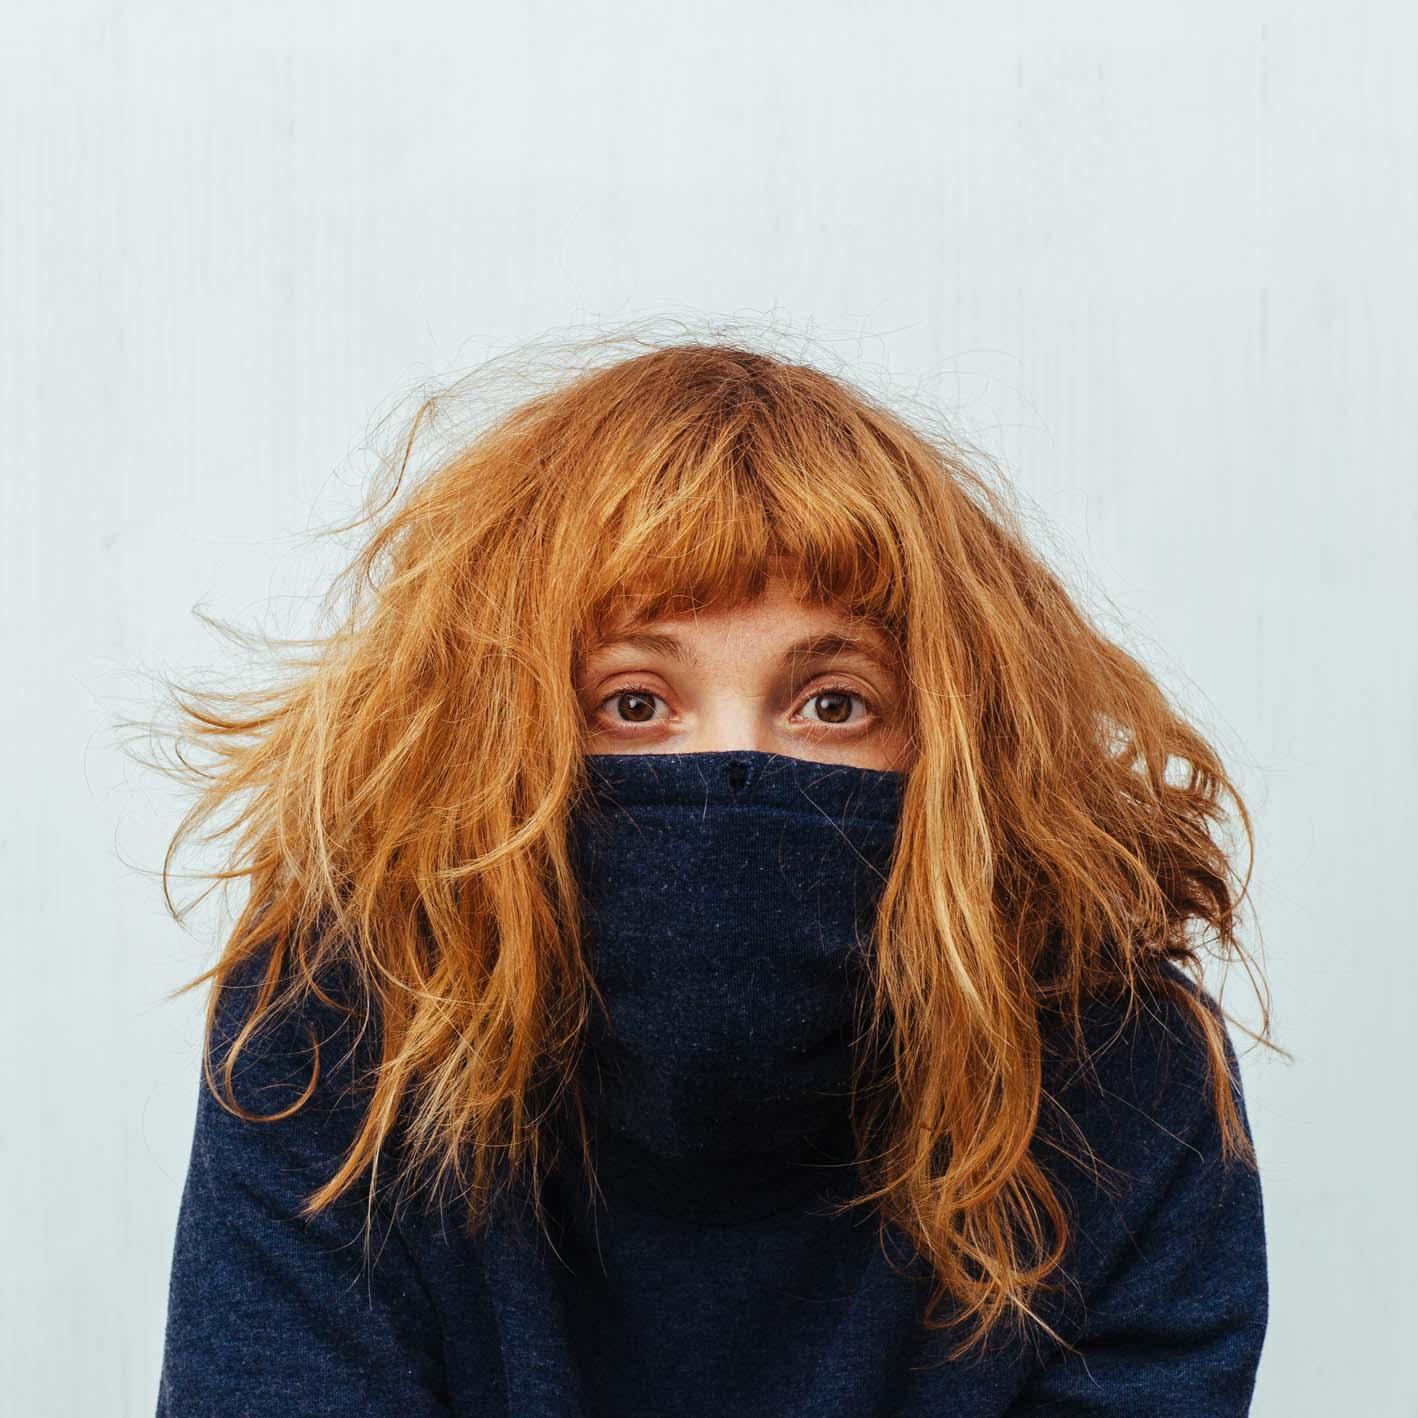 Leserinnen Erzählen Die Angststörung Hat Mein Leben Ruiniert Und